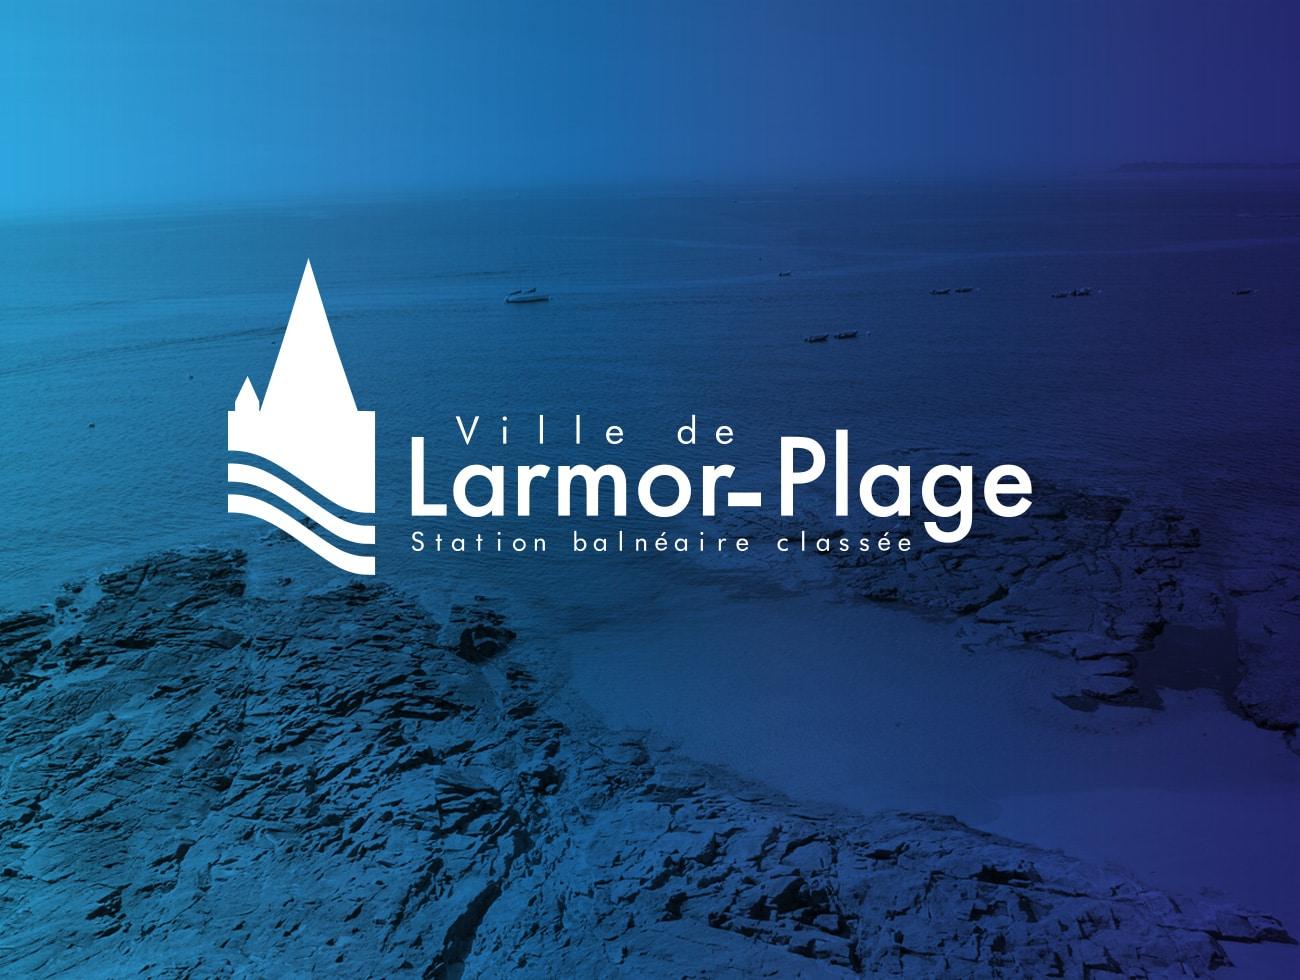 1-larmor-plage-identité-visuelle-logo-communication-bretagne-lorient